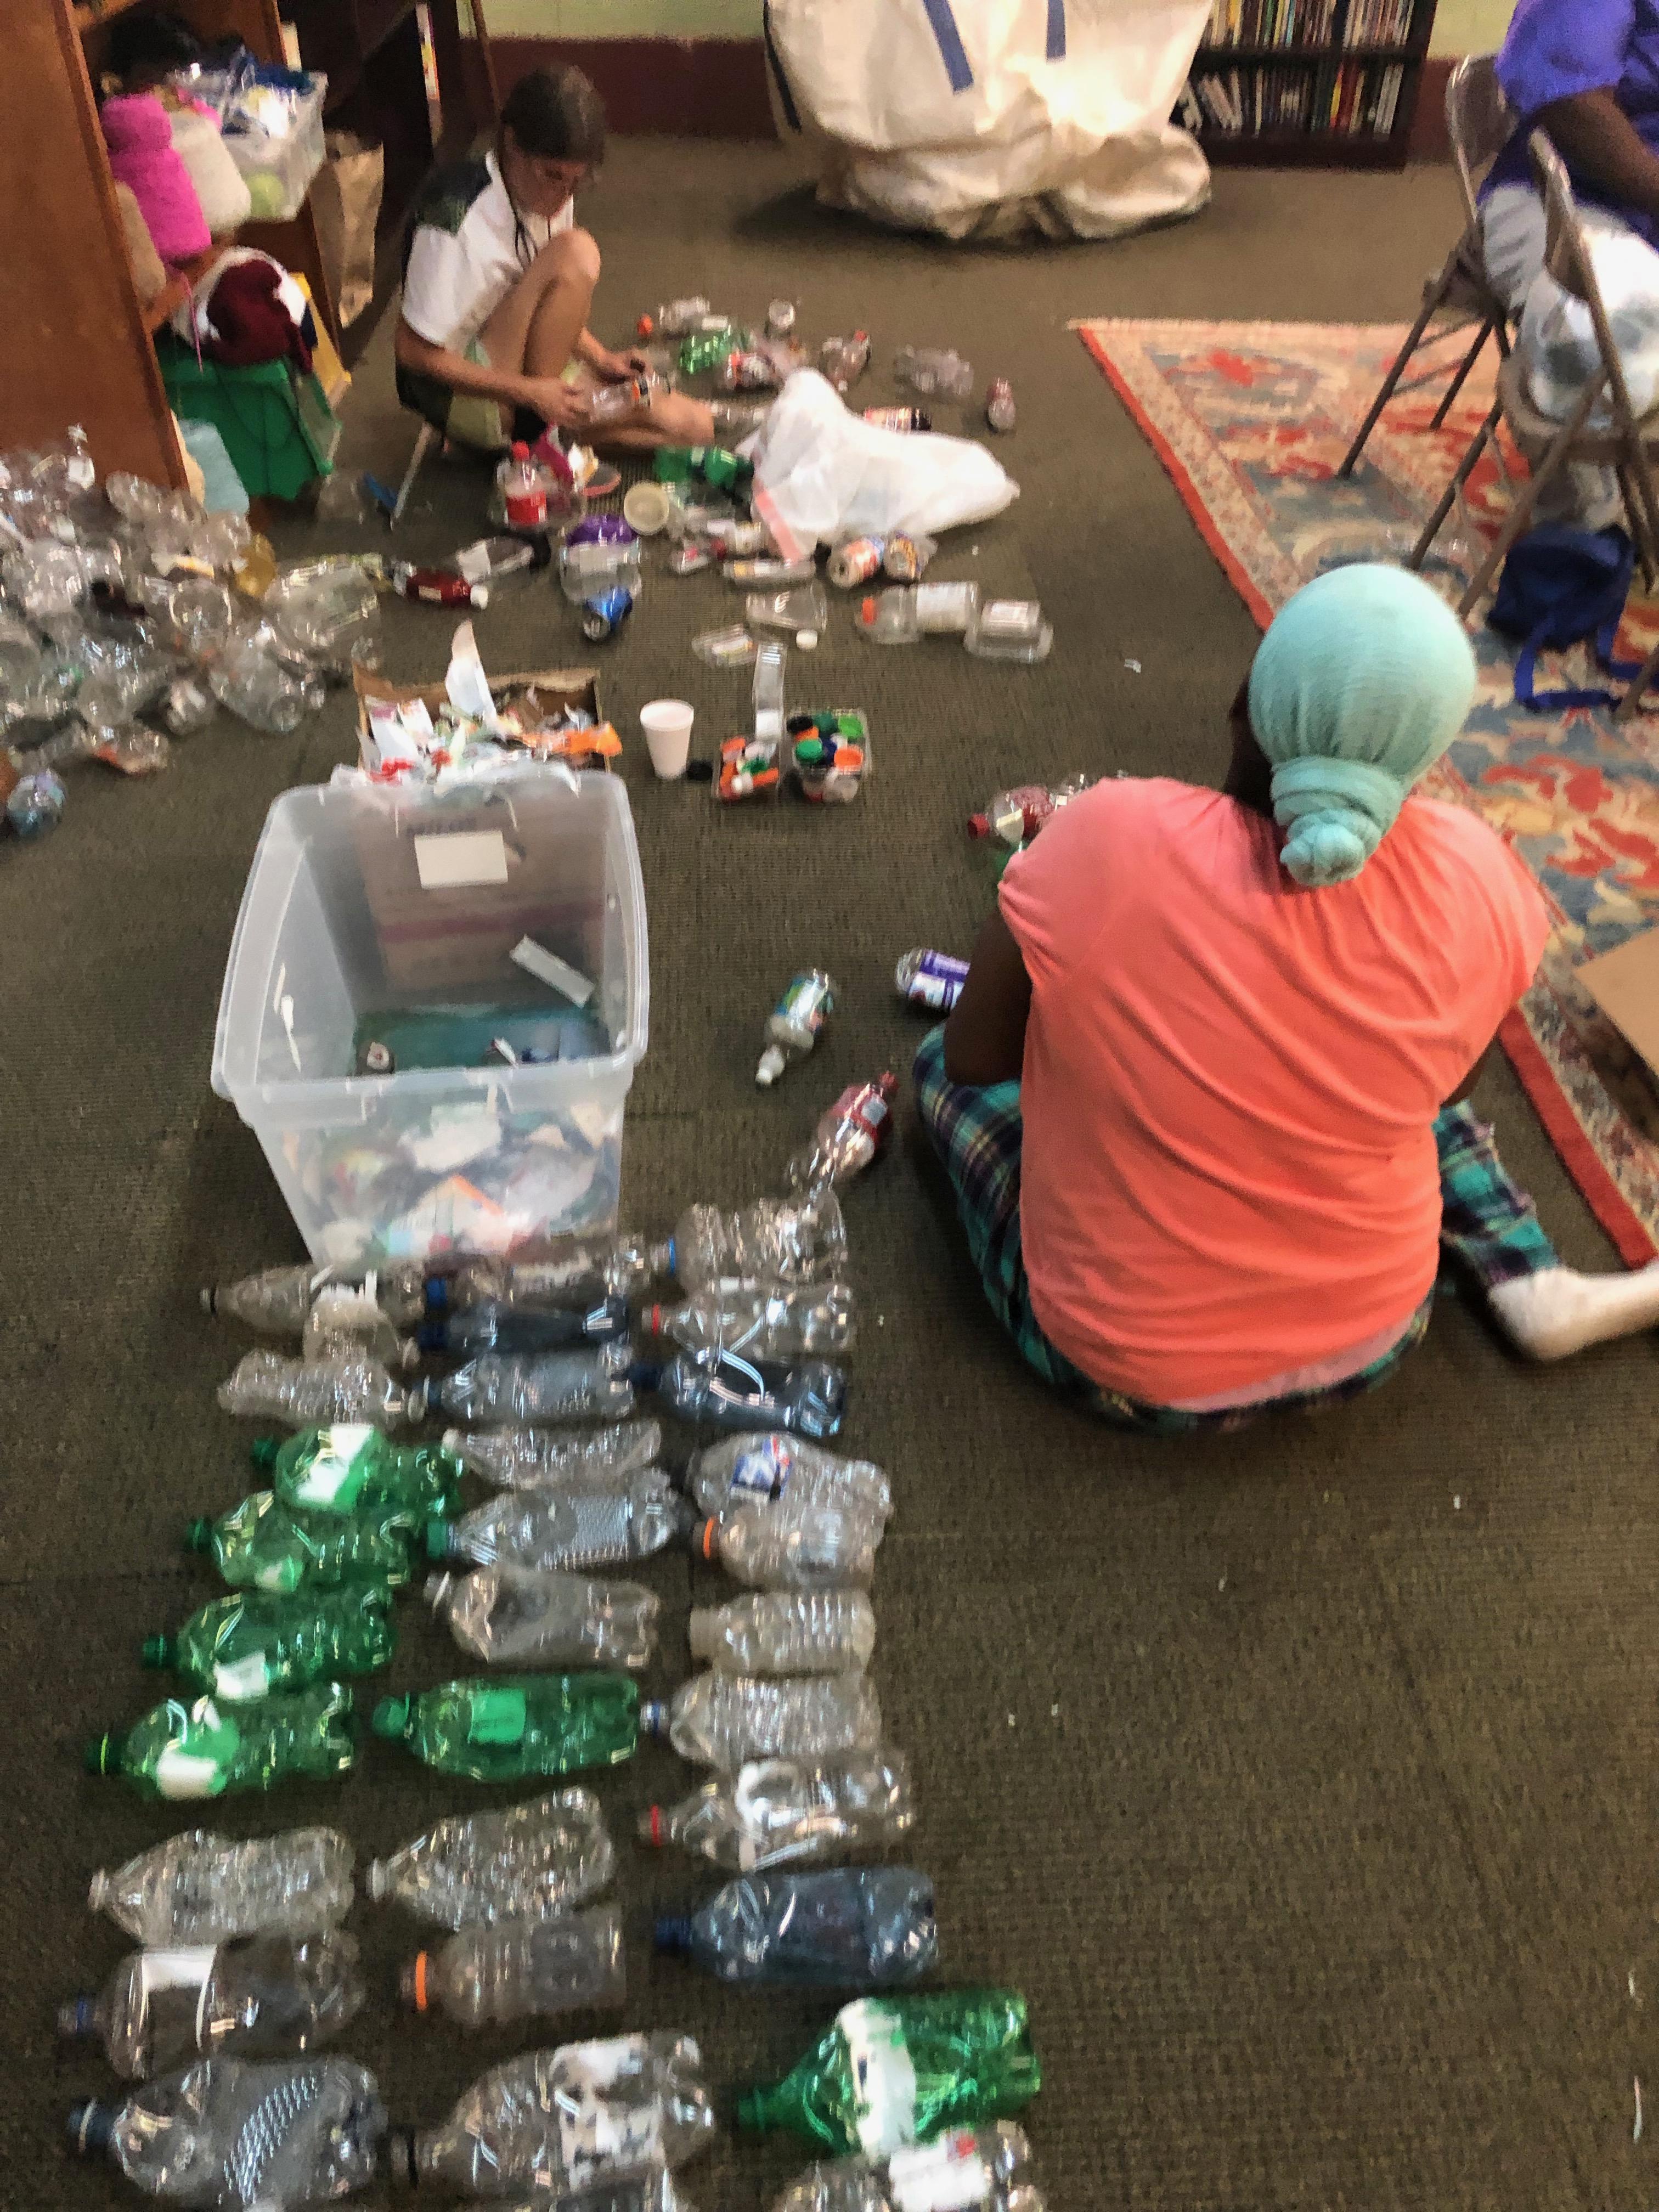 De izquierda a derecha están Amber Harrison y Celeste Vanhoose, quienes quitan las etiquetas y comprimen botellas de plástico para triturarlas. Foto de Mollie Erickson